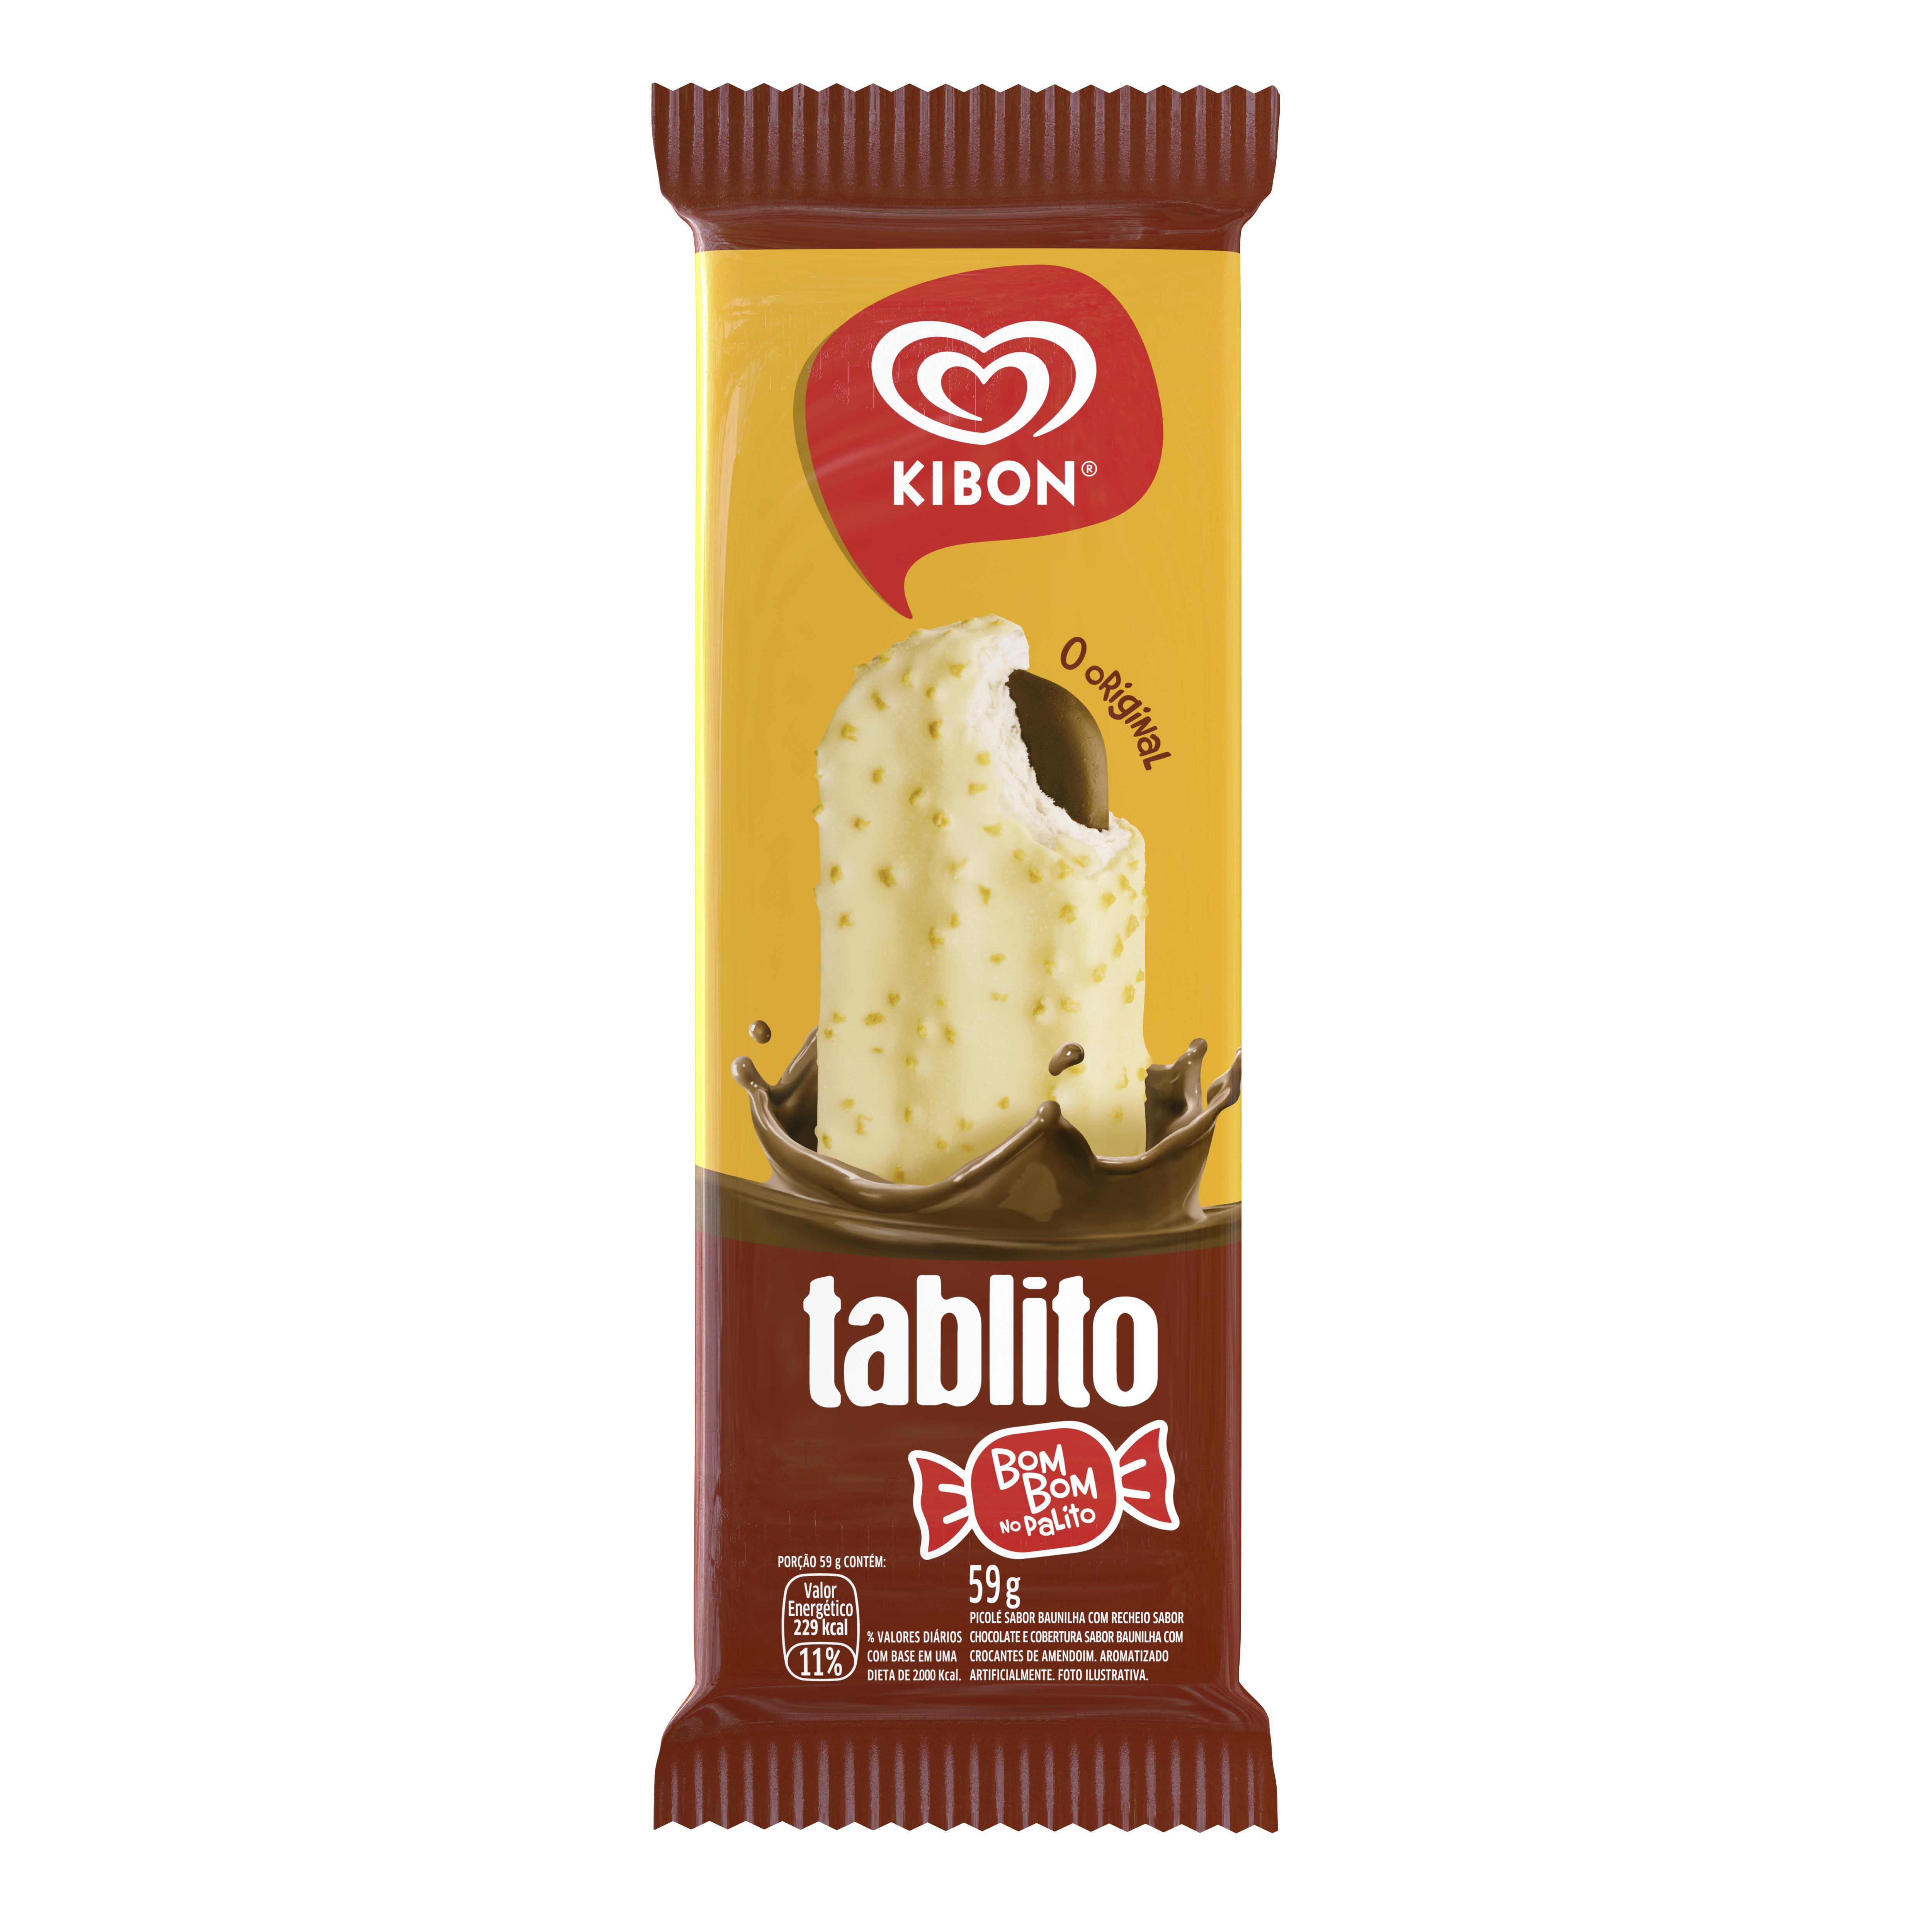 Sorvete Kibon Palito Tablito 72ML | Caixa com 24